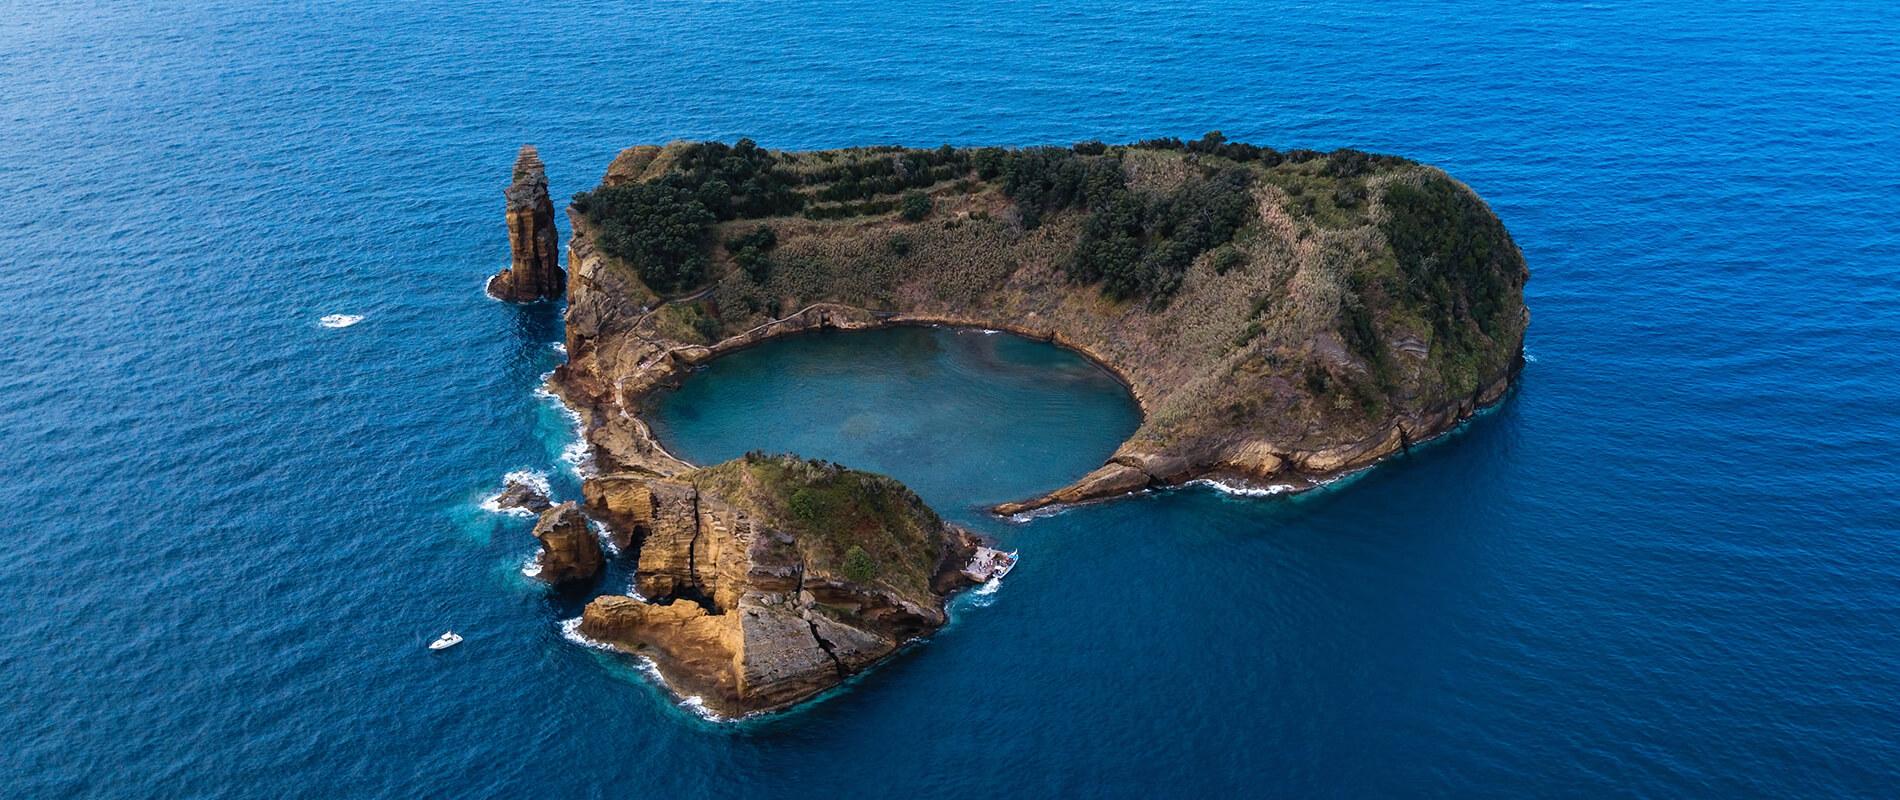 Ilhéu de Vila Franca do Campo, l'incantevole isolotto dell'arcipelago delle Azzorre